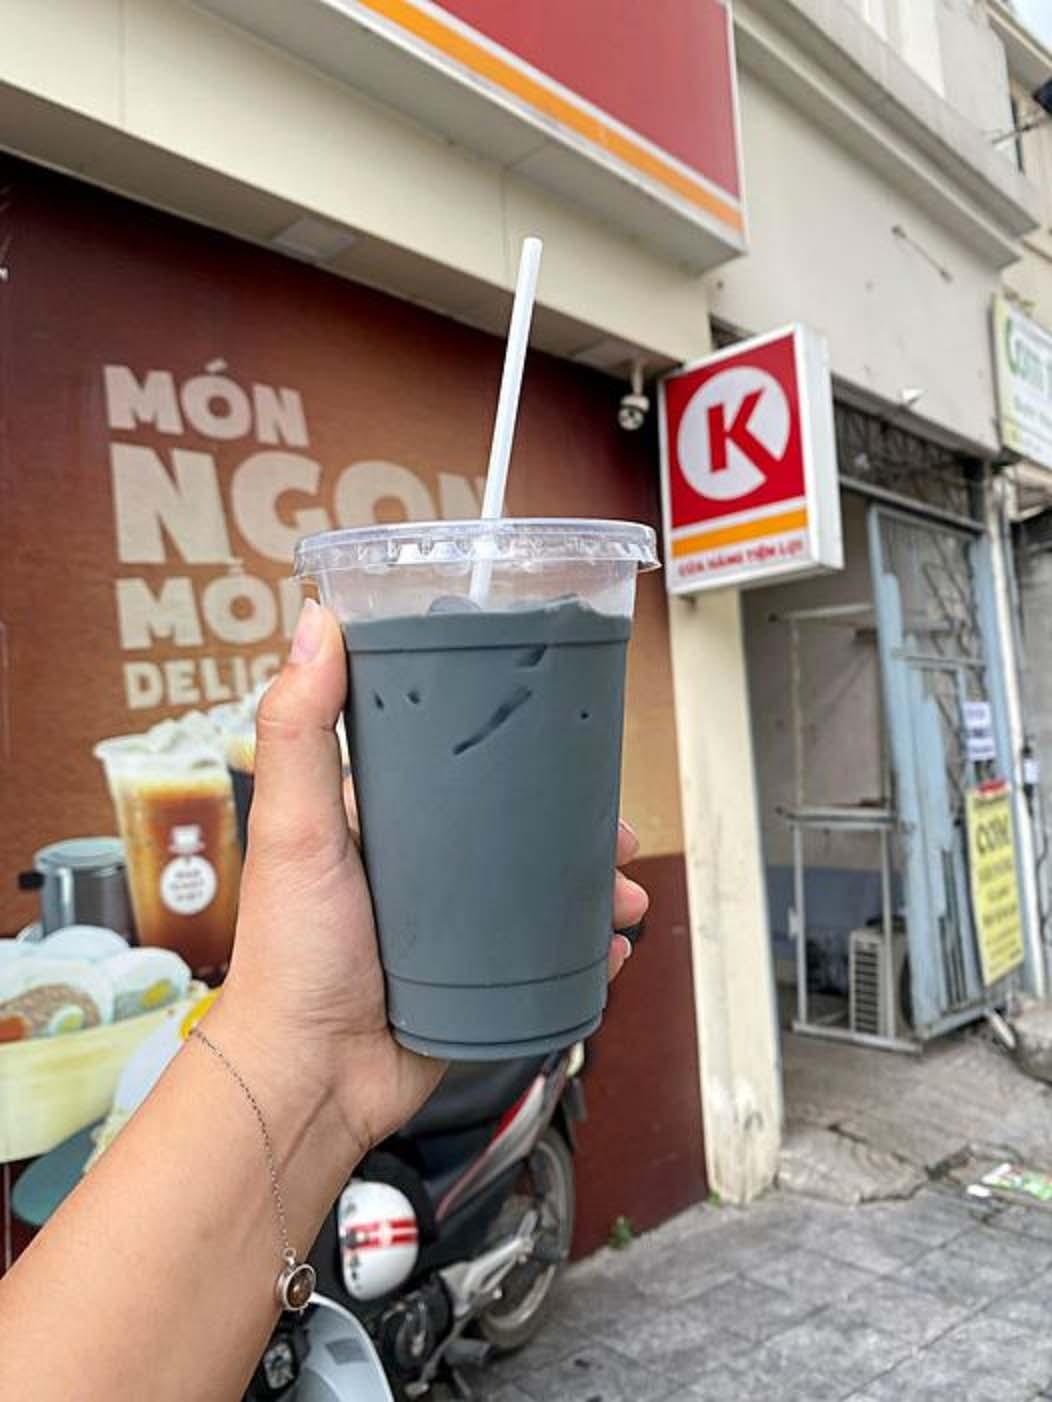 Hà Nội: Thức uống đen đen, xấu mã nhưng lại có sức hấp dẫn khiến giới trẻ săn lùng điên đảo - Ảnh 4.